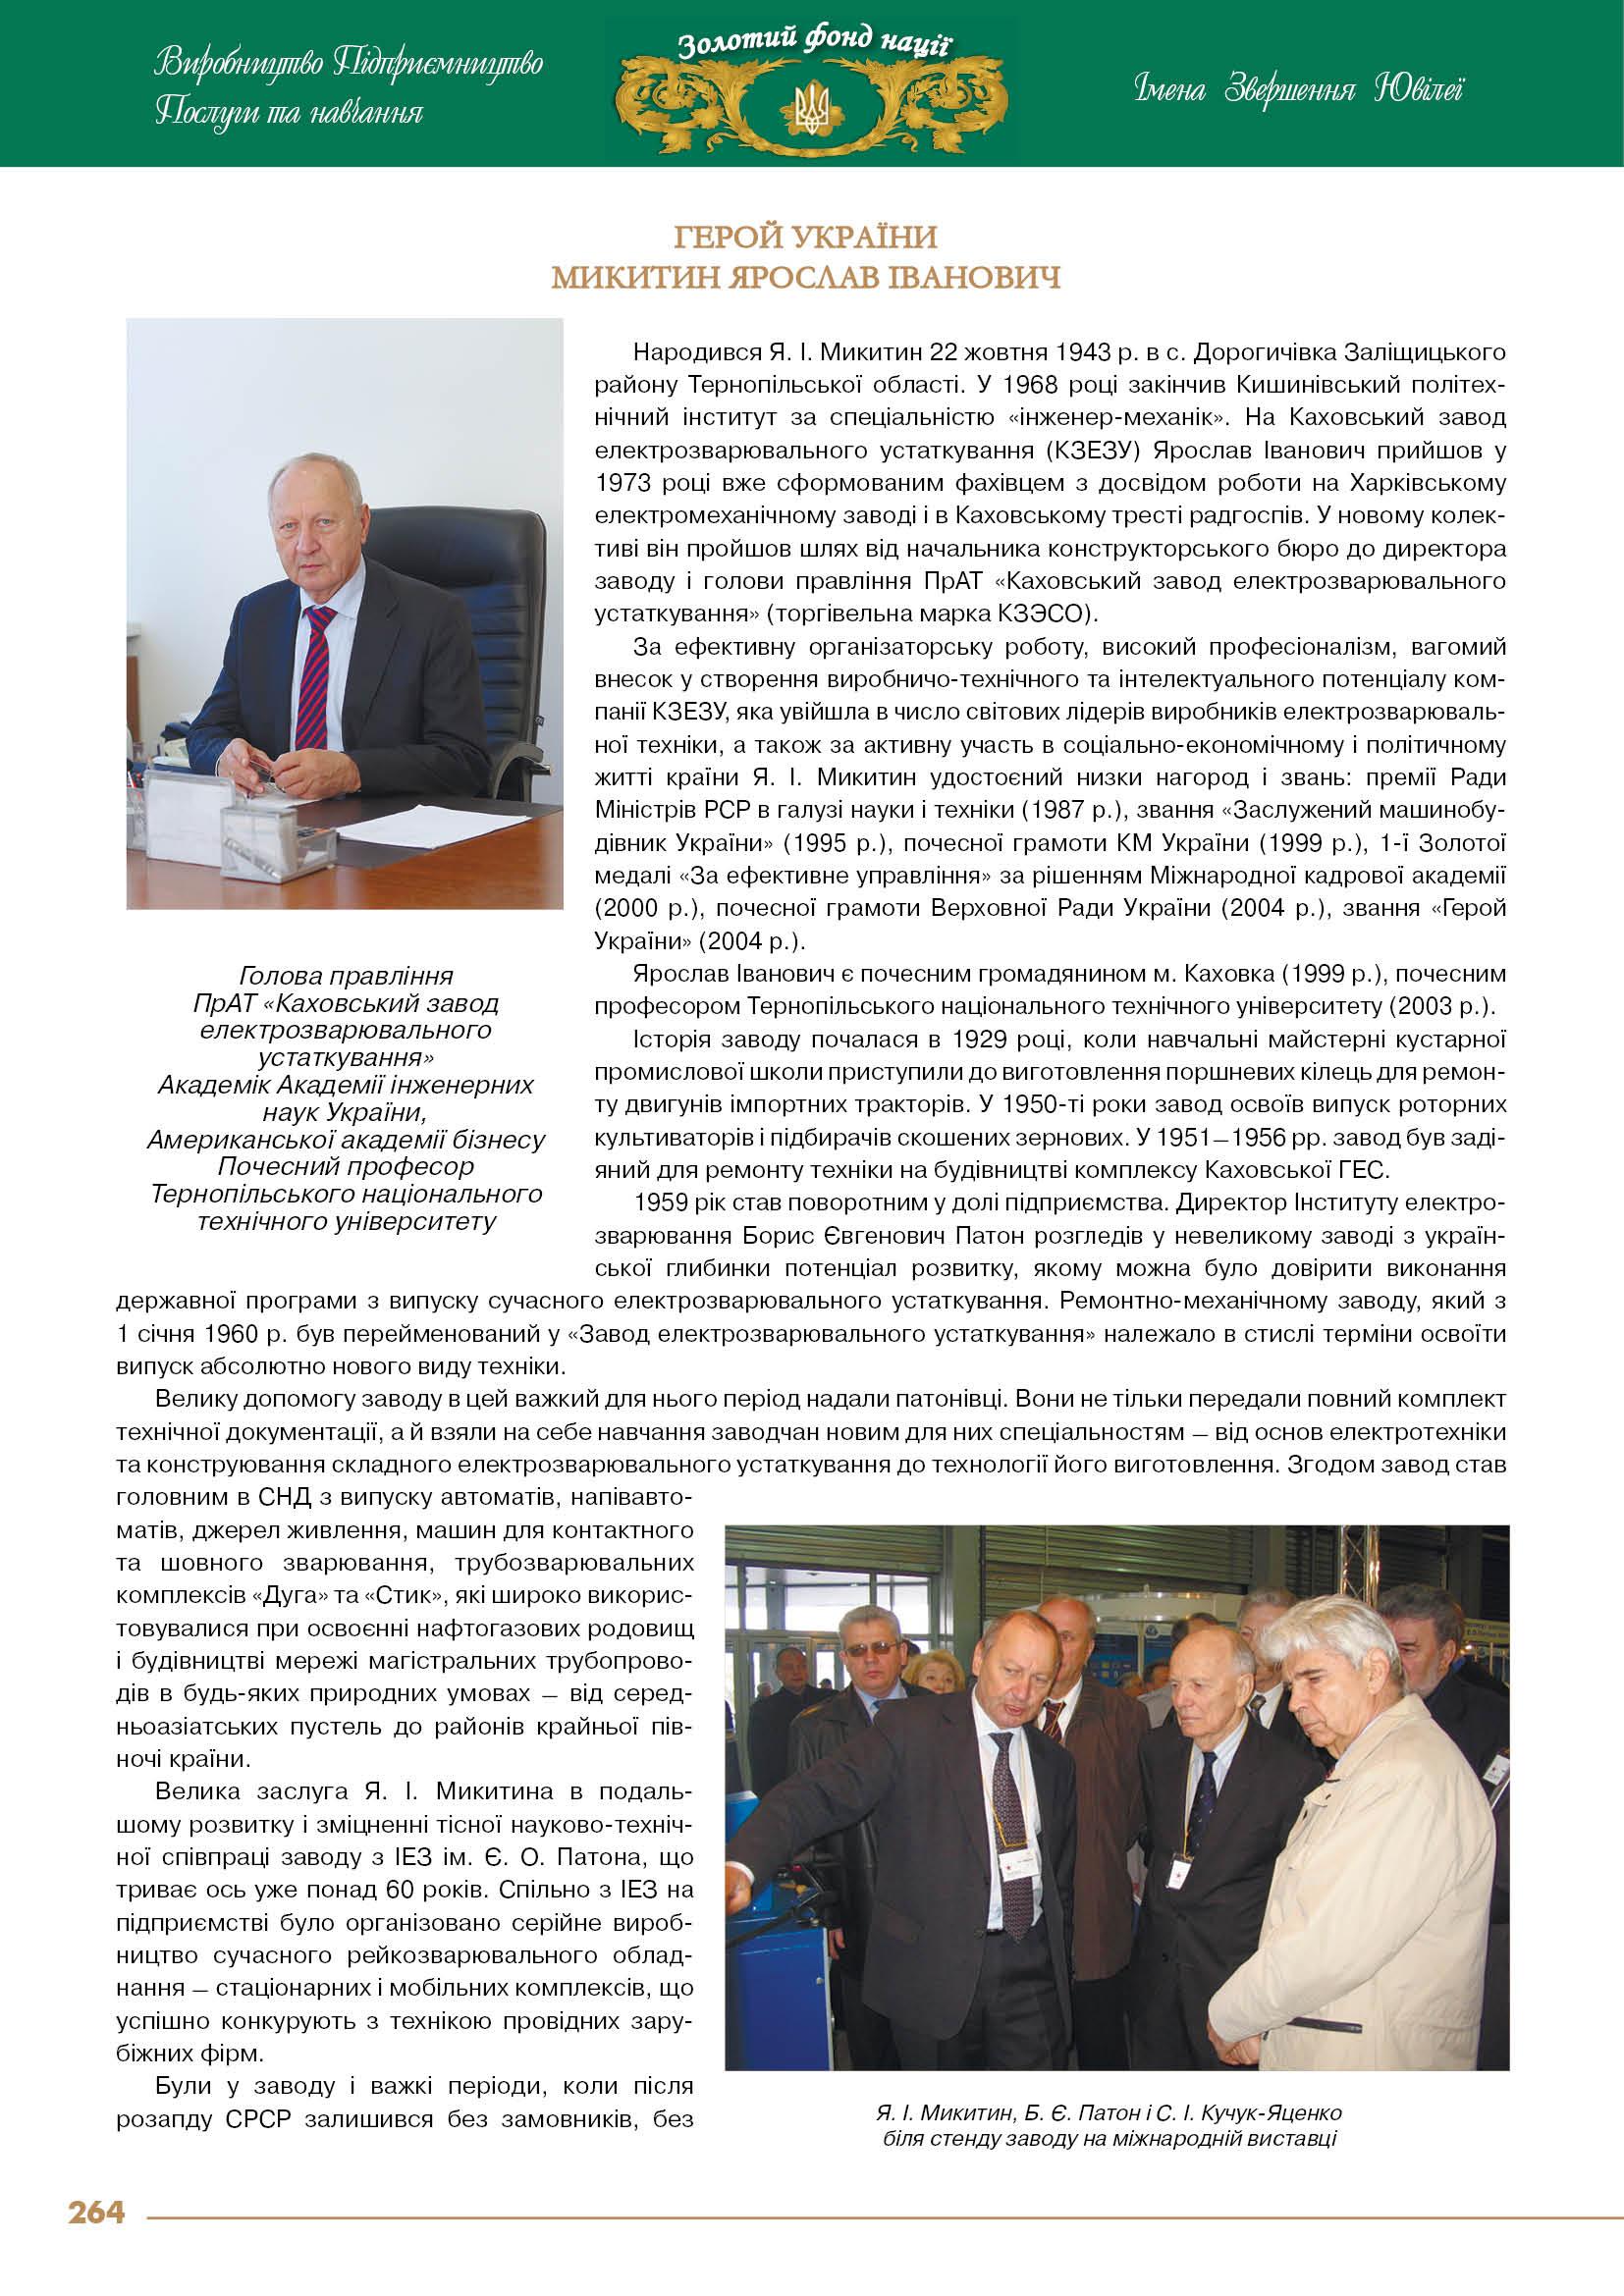 Микитин Ярослав Іванович